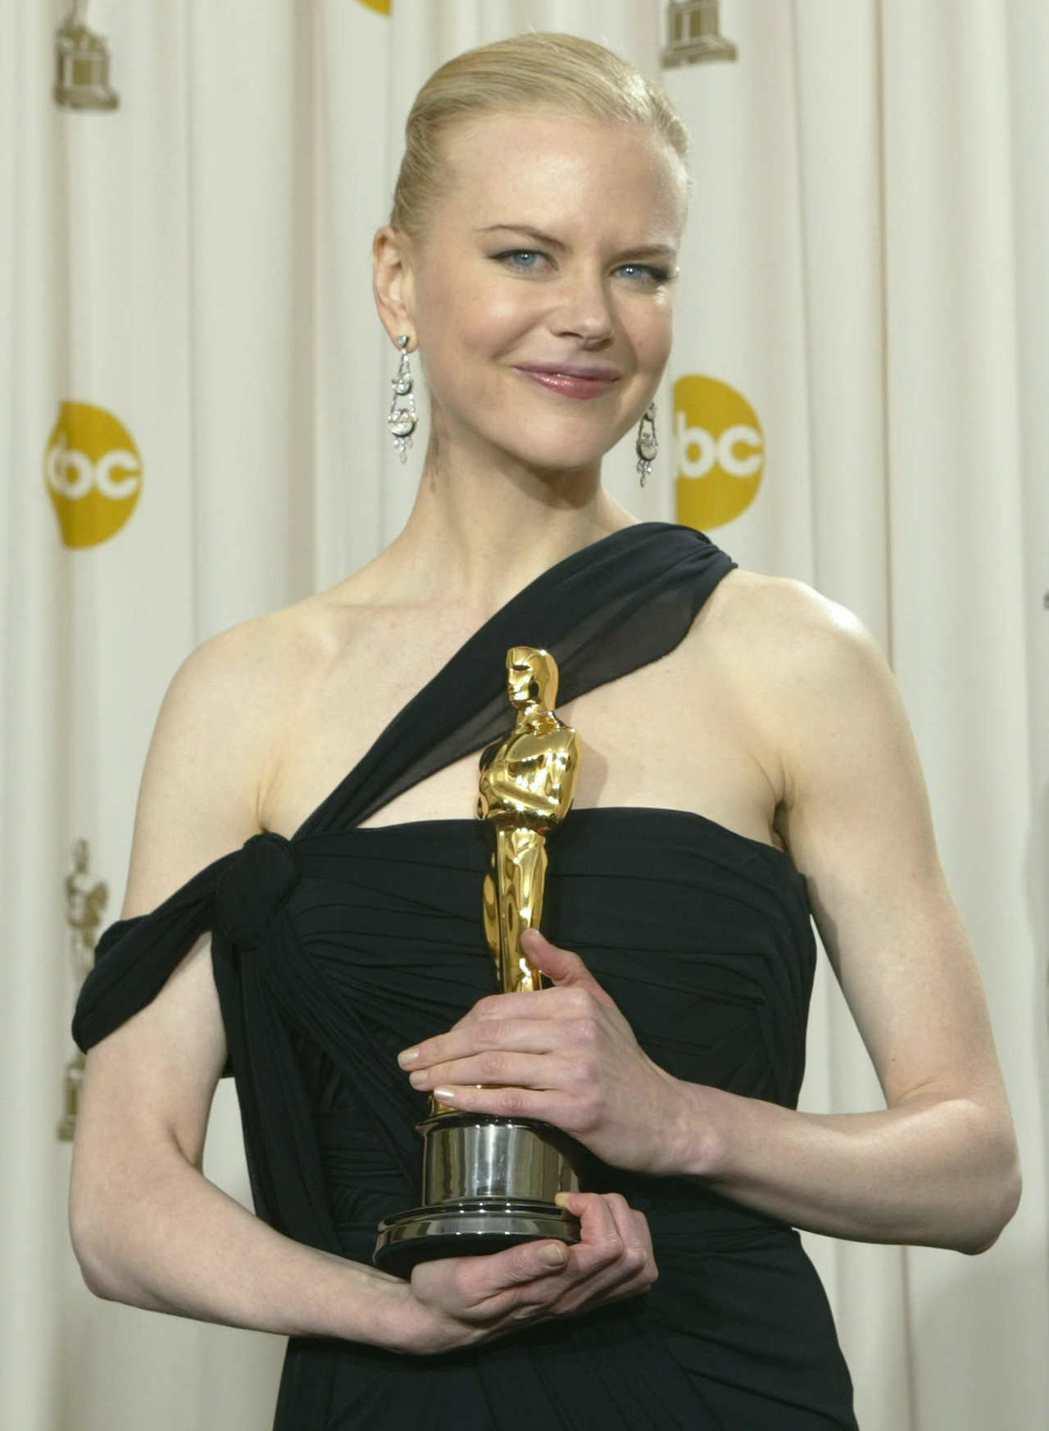 妮可基嫚奧斯卡得獎時臉上露出笑容,心中卻備感孤寂。圖/路透資料照片